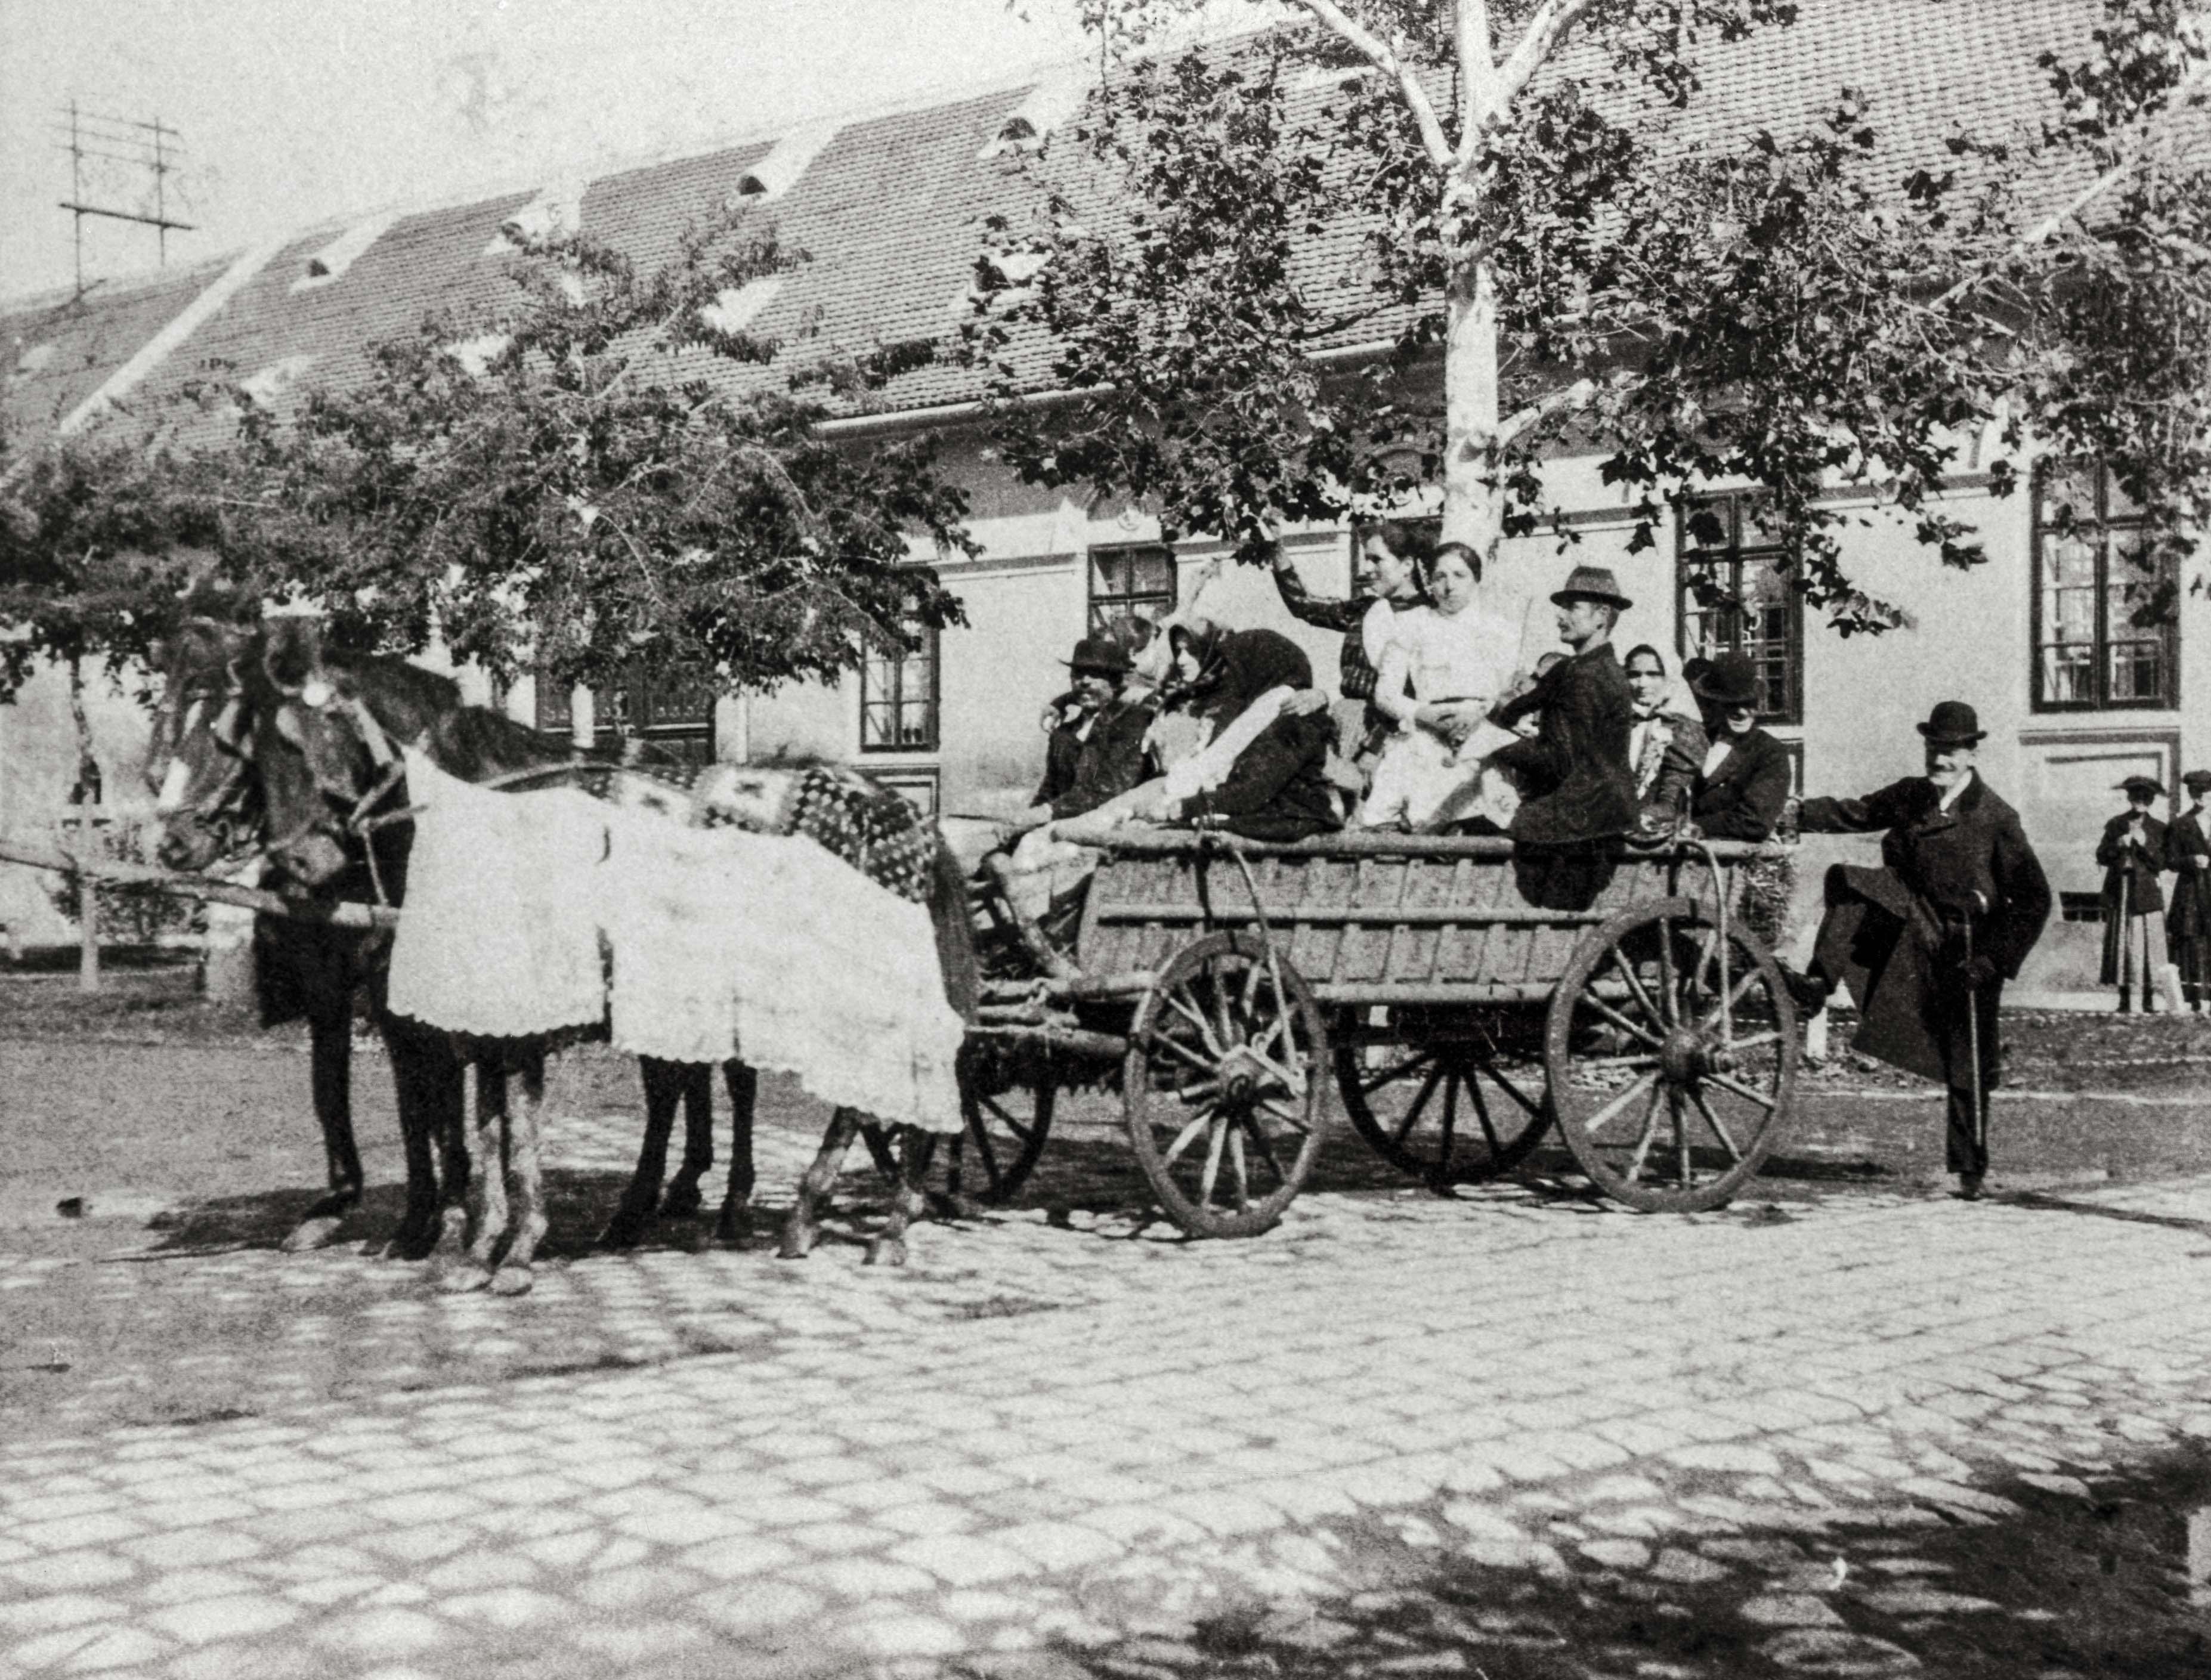 Szerb lakodalom. Felvételei jól tükrözik Bácska számos bevándorlási és betelepítési hullám eredményeként soknemzetiségű, és az ezzel együtt különböző vallási hovatartozású társadalmát. A felvételeken apró sajátosságok árulkodnak a szereplők nemzetiségéről. Ezen a képen a lovak délszláv szokás szerinti szőttesekkel való díszítése utal arra, hogy egy szerb család ünnepi pillanatait örökítette meg a fotós.<br />Zombor, 1907 előtt, F 8496<br /><br />Fotó: Alföldy Flóra © Néprajzi Múzeum<br />